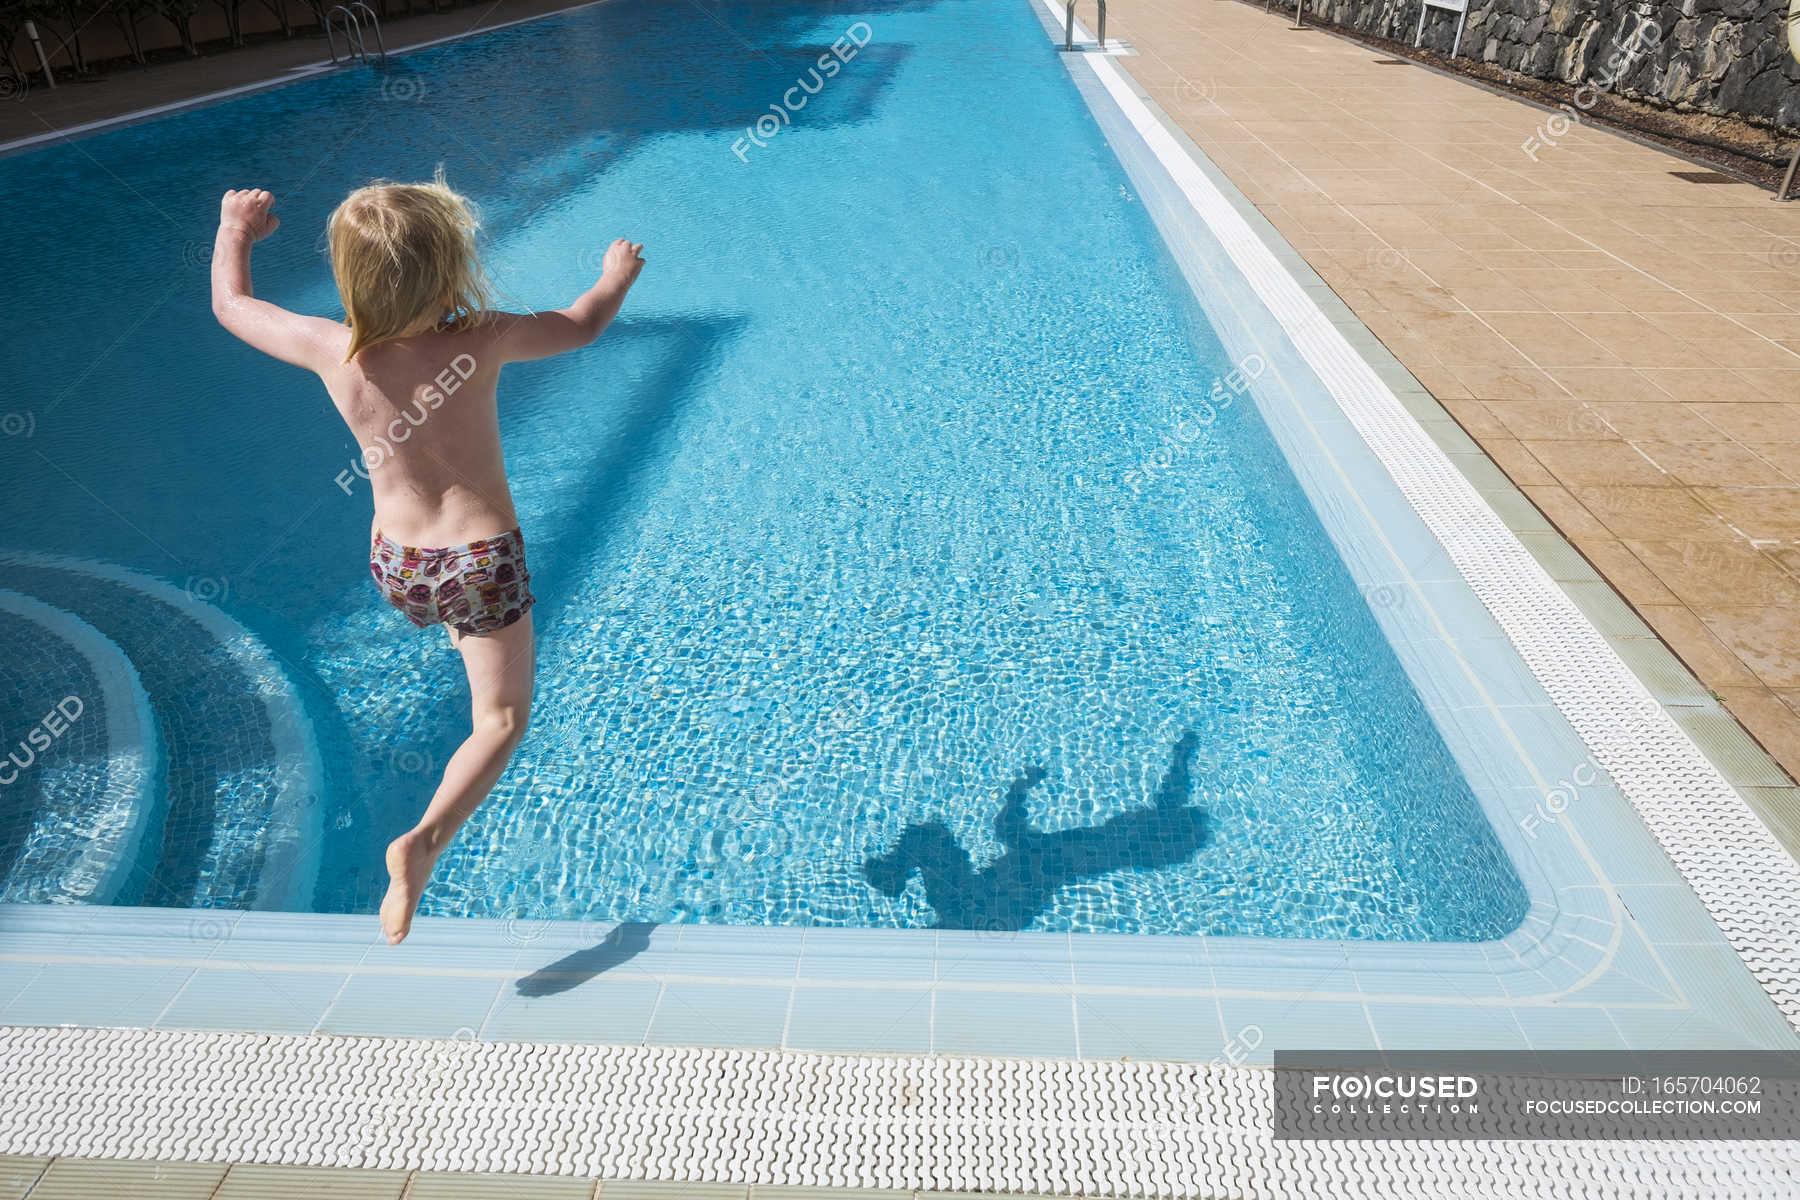 фото картинки как прыгают в бассейн день всем, как